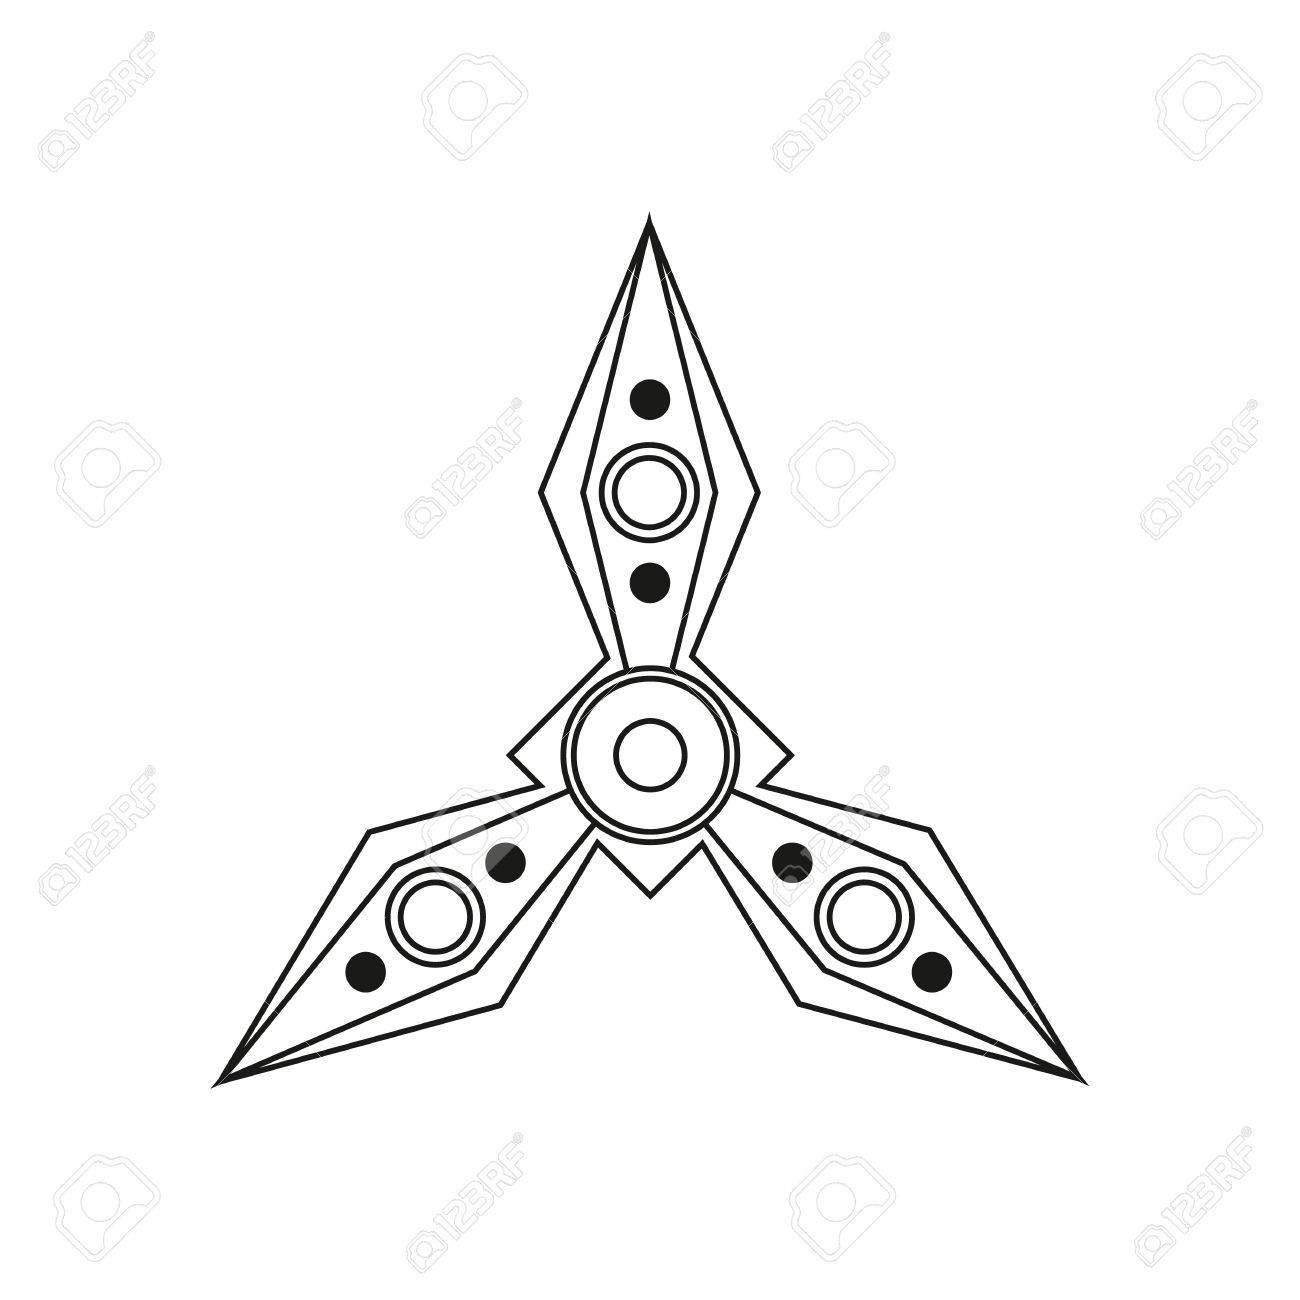 Spinner Für Die Hand Stress Relief Zappeln Spielzeug-Symbol. EDC ...